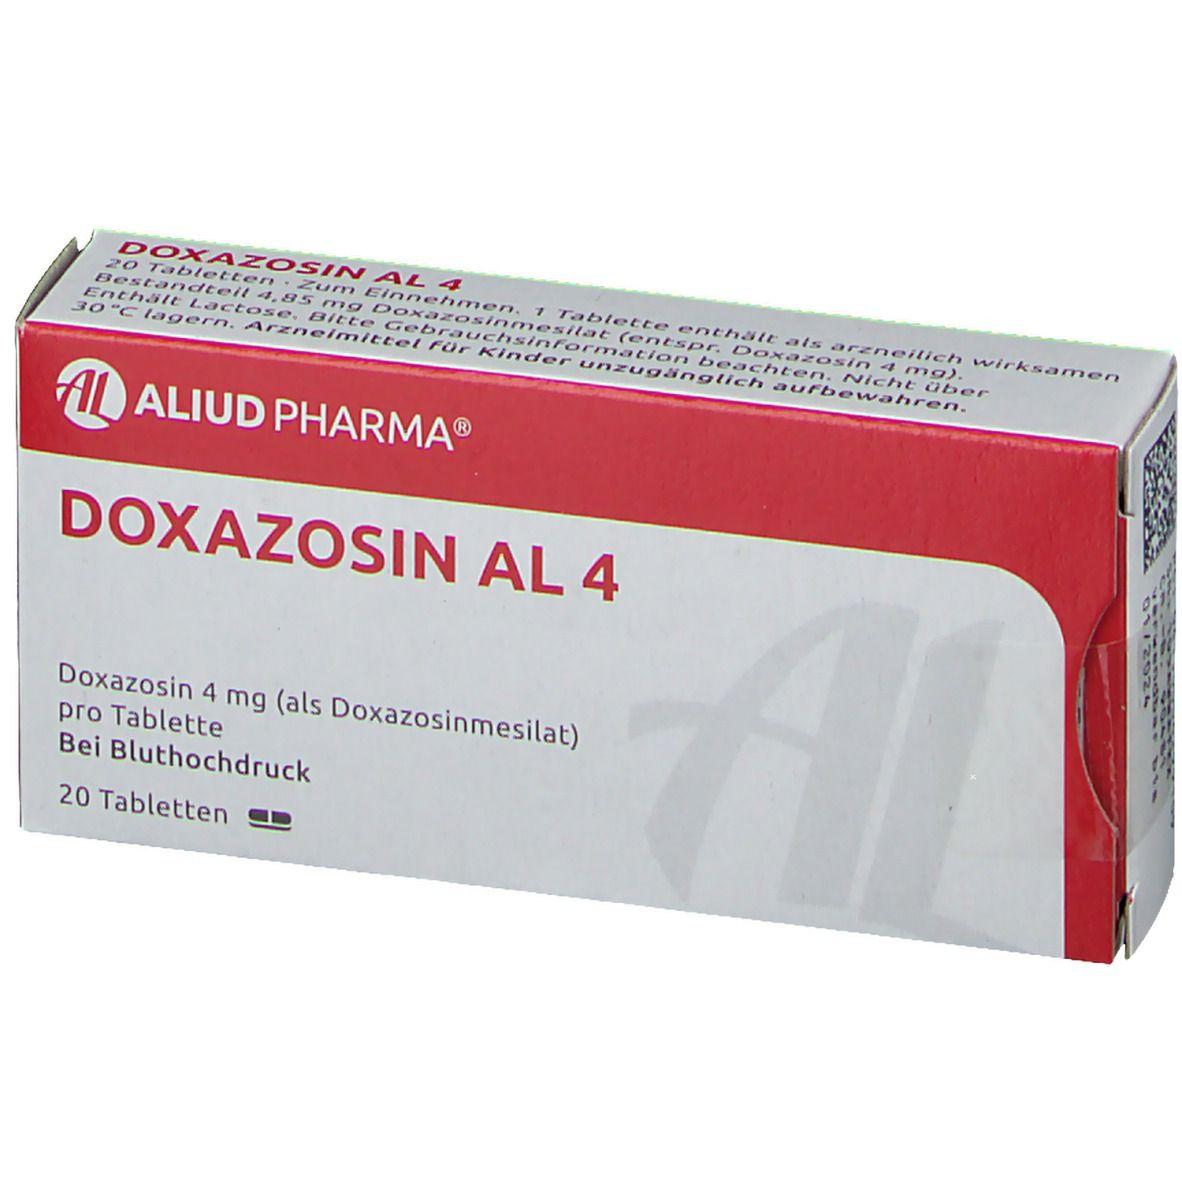 Doxazosin AL 4 20 St - shop-apotheke.com